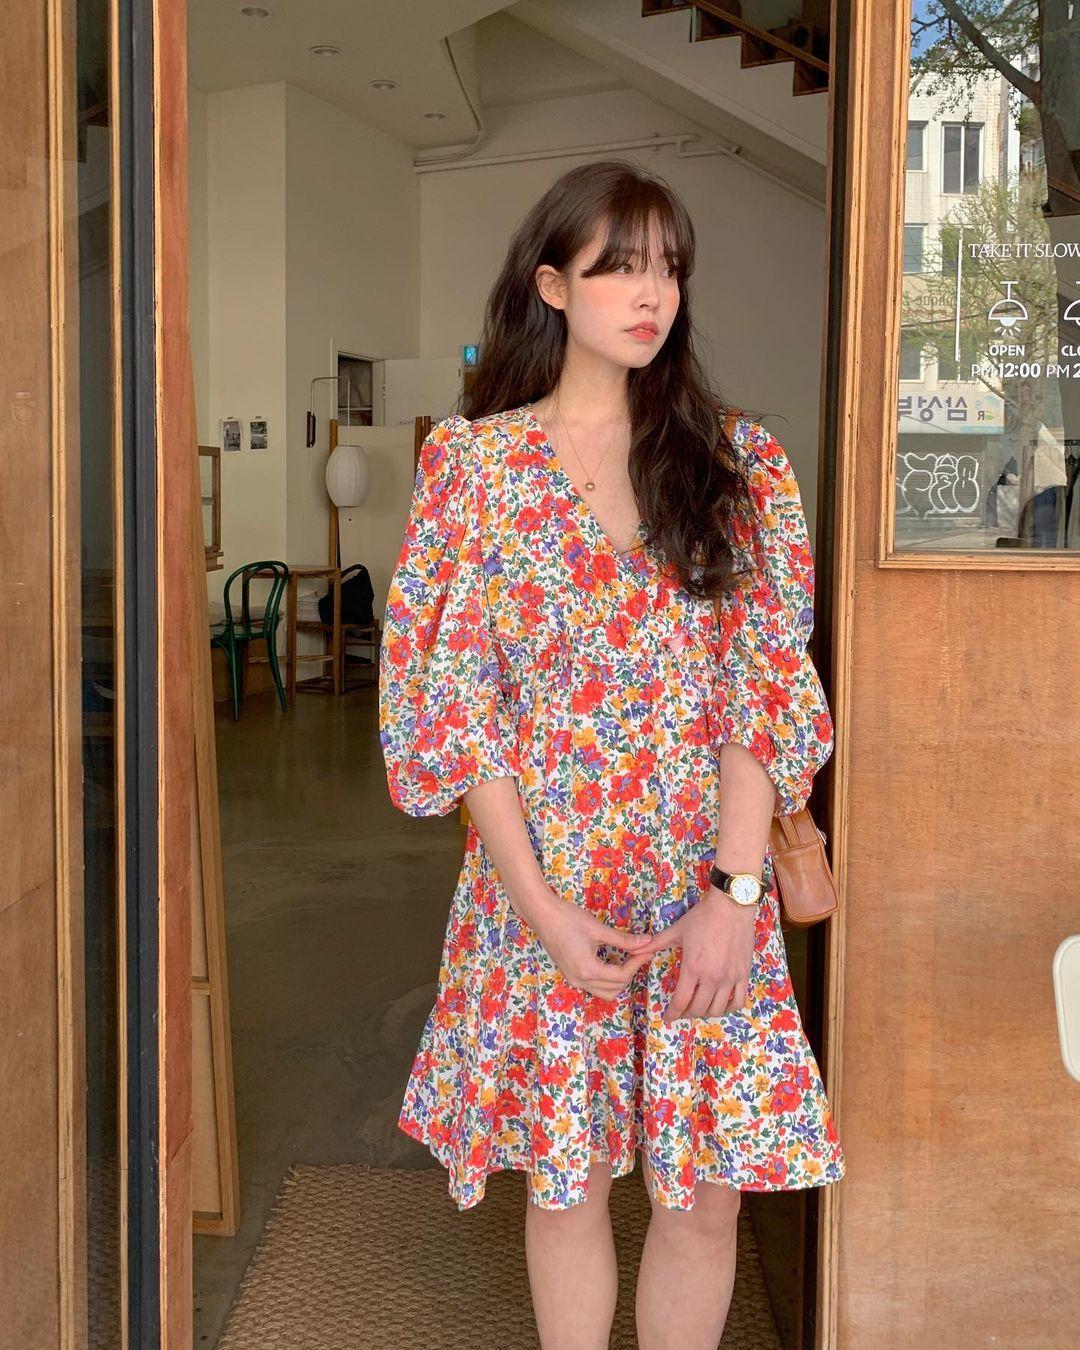 3 mẫu váy trẻ trung và ăn ảnh hơn cả váy trắng, ngắm là muốn 'hốt' trọn về nhà - Ảnh 9